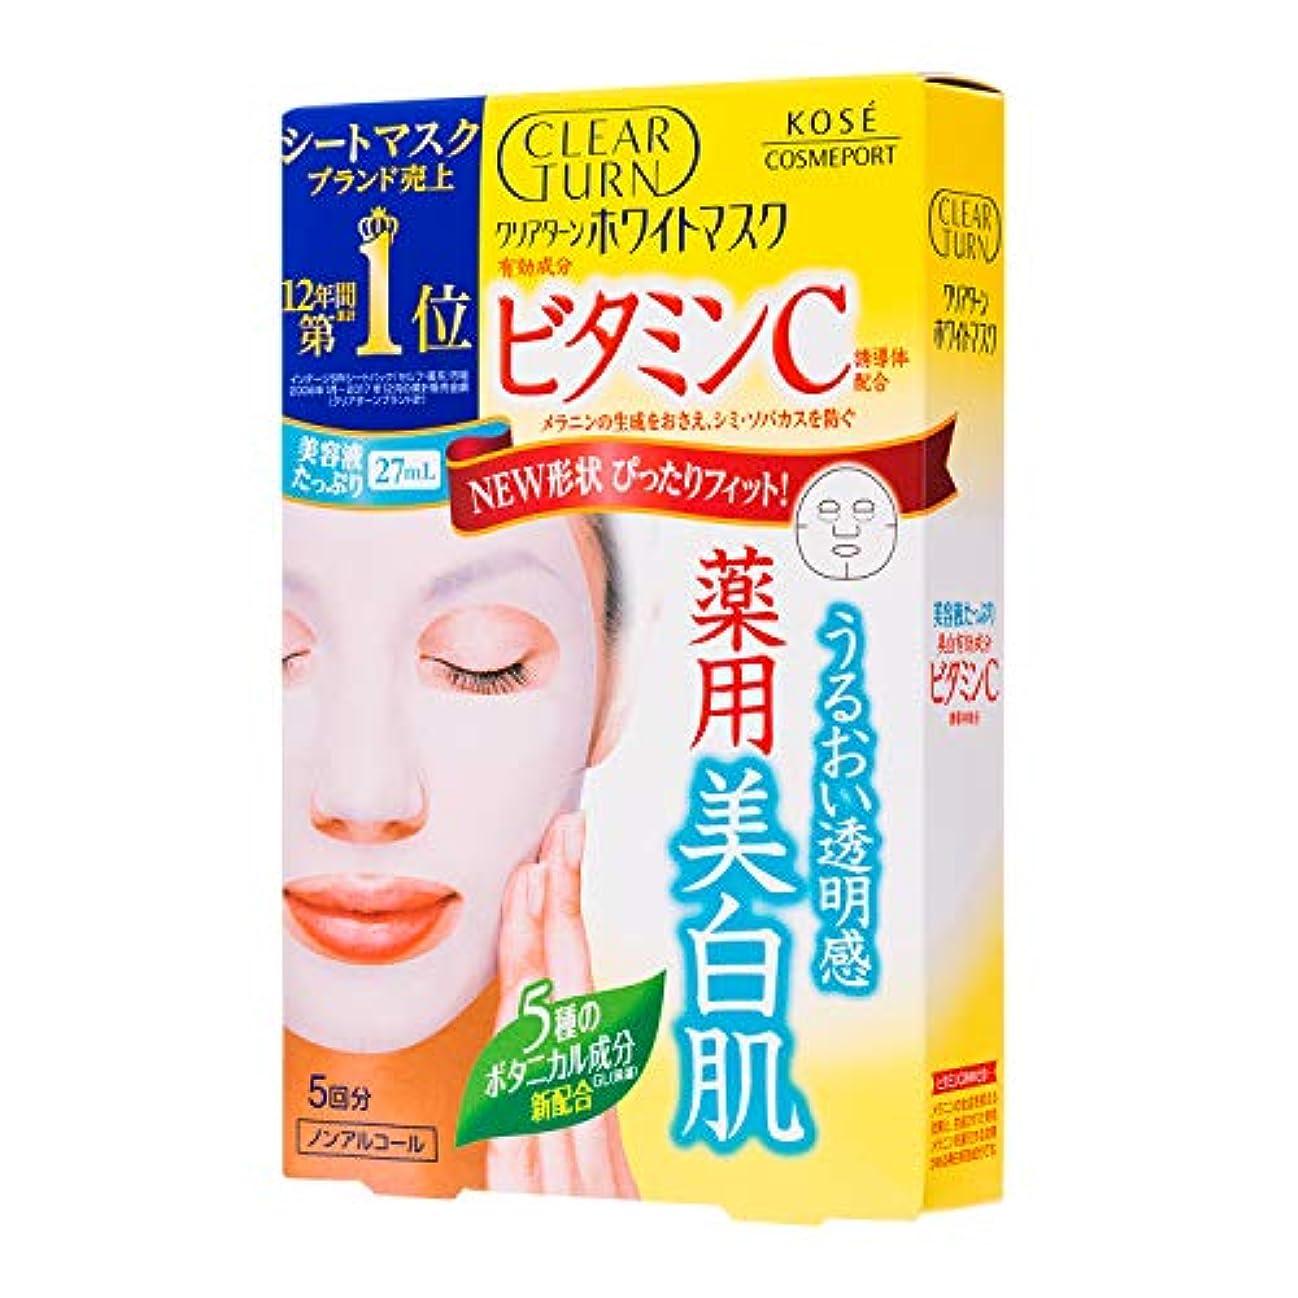 振り返る洗練された今KOSE コーセー クリアターン ホワイト マスク VC (ビタミンC) 5枚 フェイスマスク